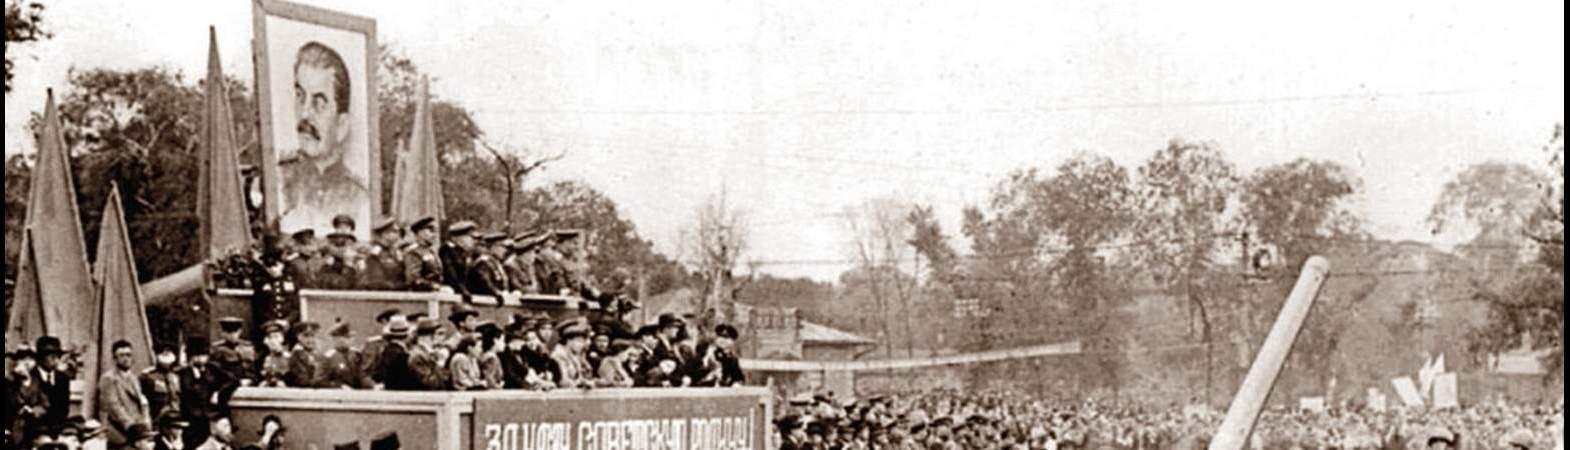 Парад Красной армии. Хабаровск, 6 сентября 1945 г.